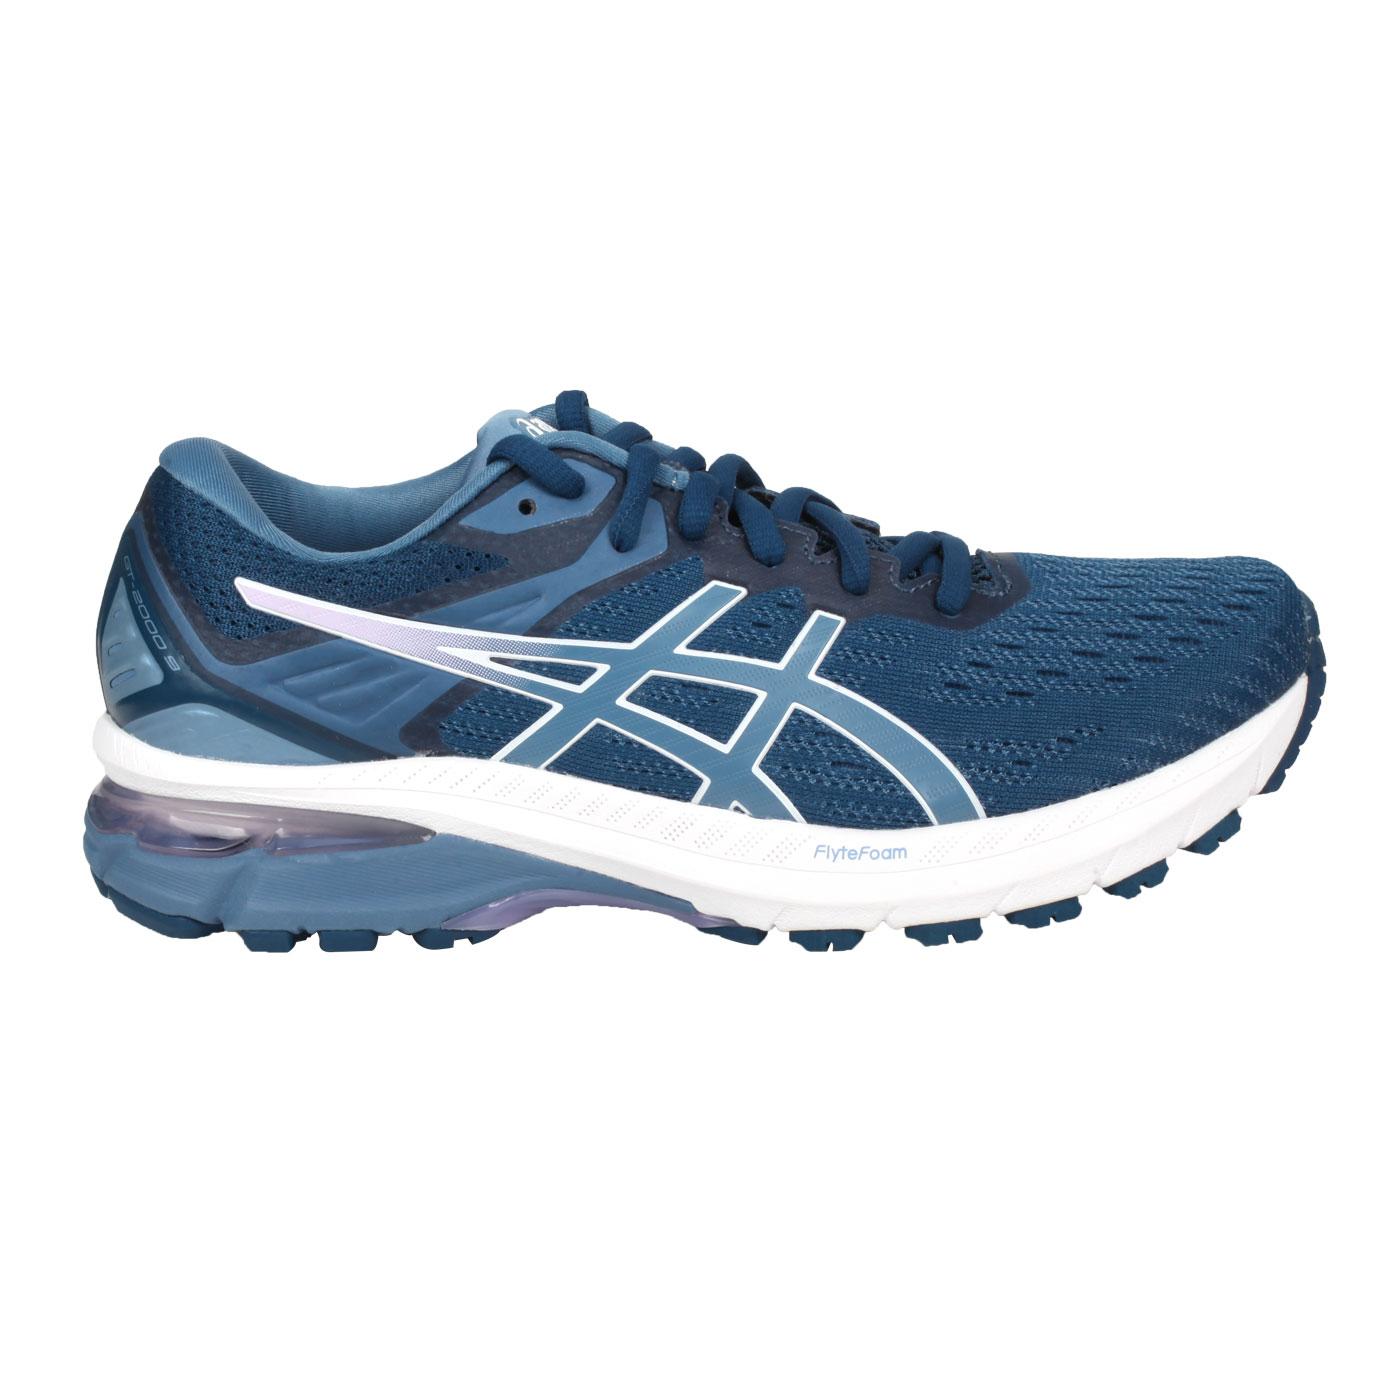 ASICS 女款慢跑鞋-WIDE  @GT-2000 9@1012A861-400